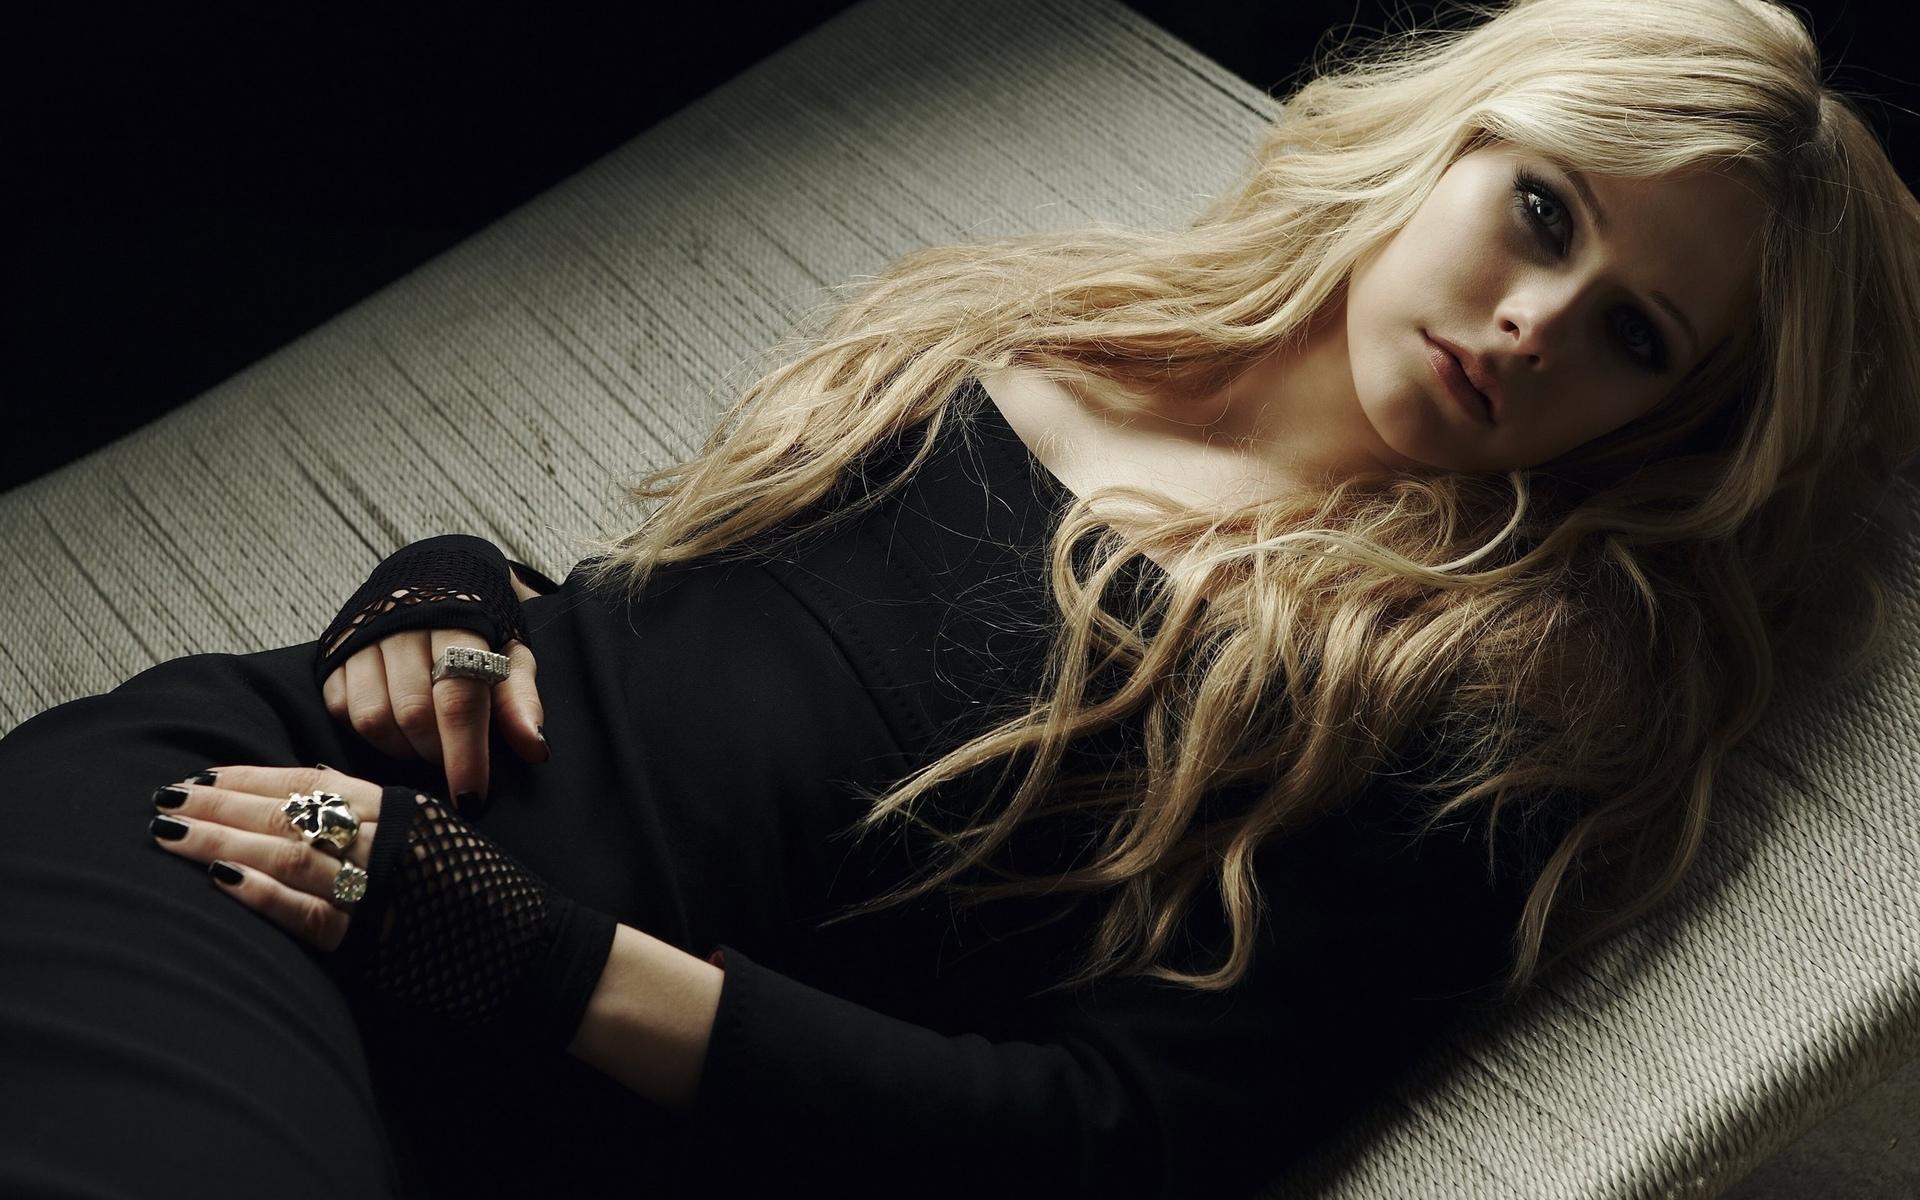 девушка, знаменитость, поза, красивая, певица